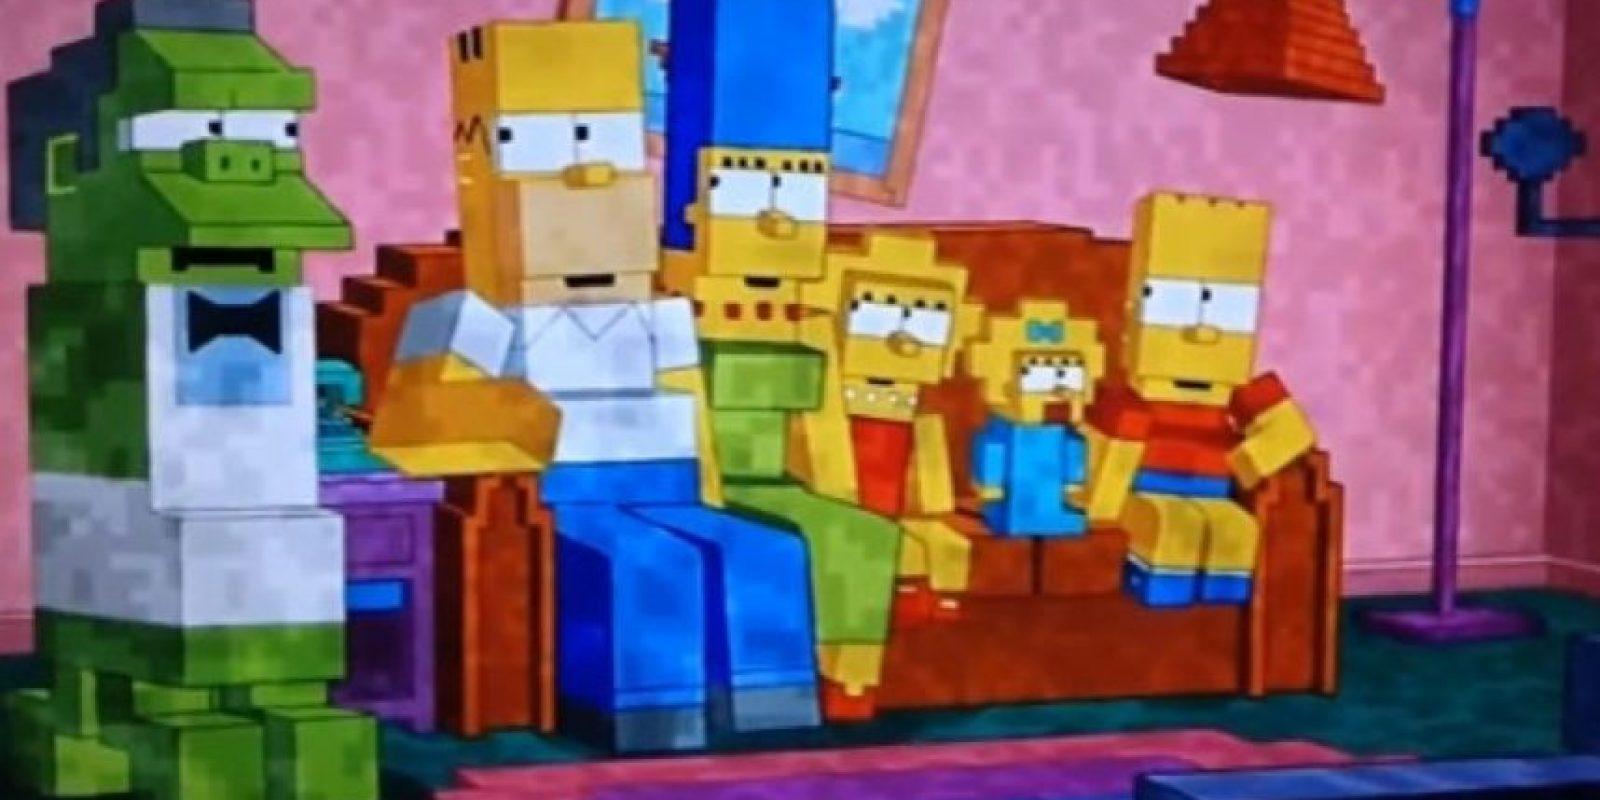 Rindieron homenaje al juego Minecraft. Foto:Fox